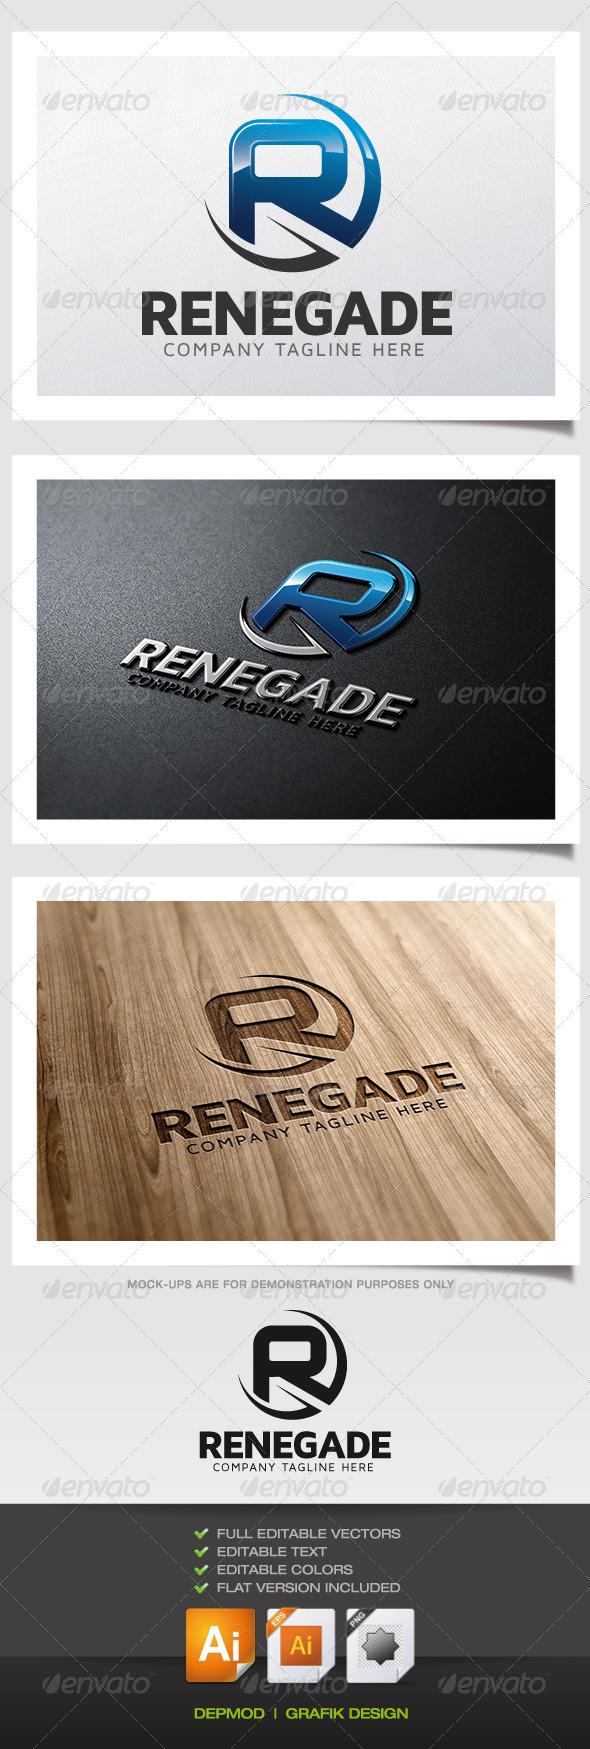 GraphicRiver Renegade Logo 5830549